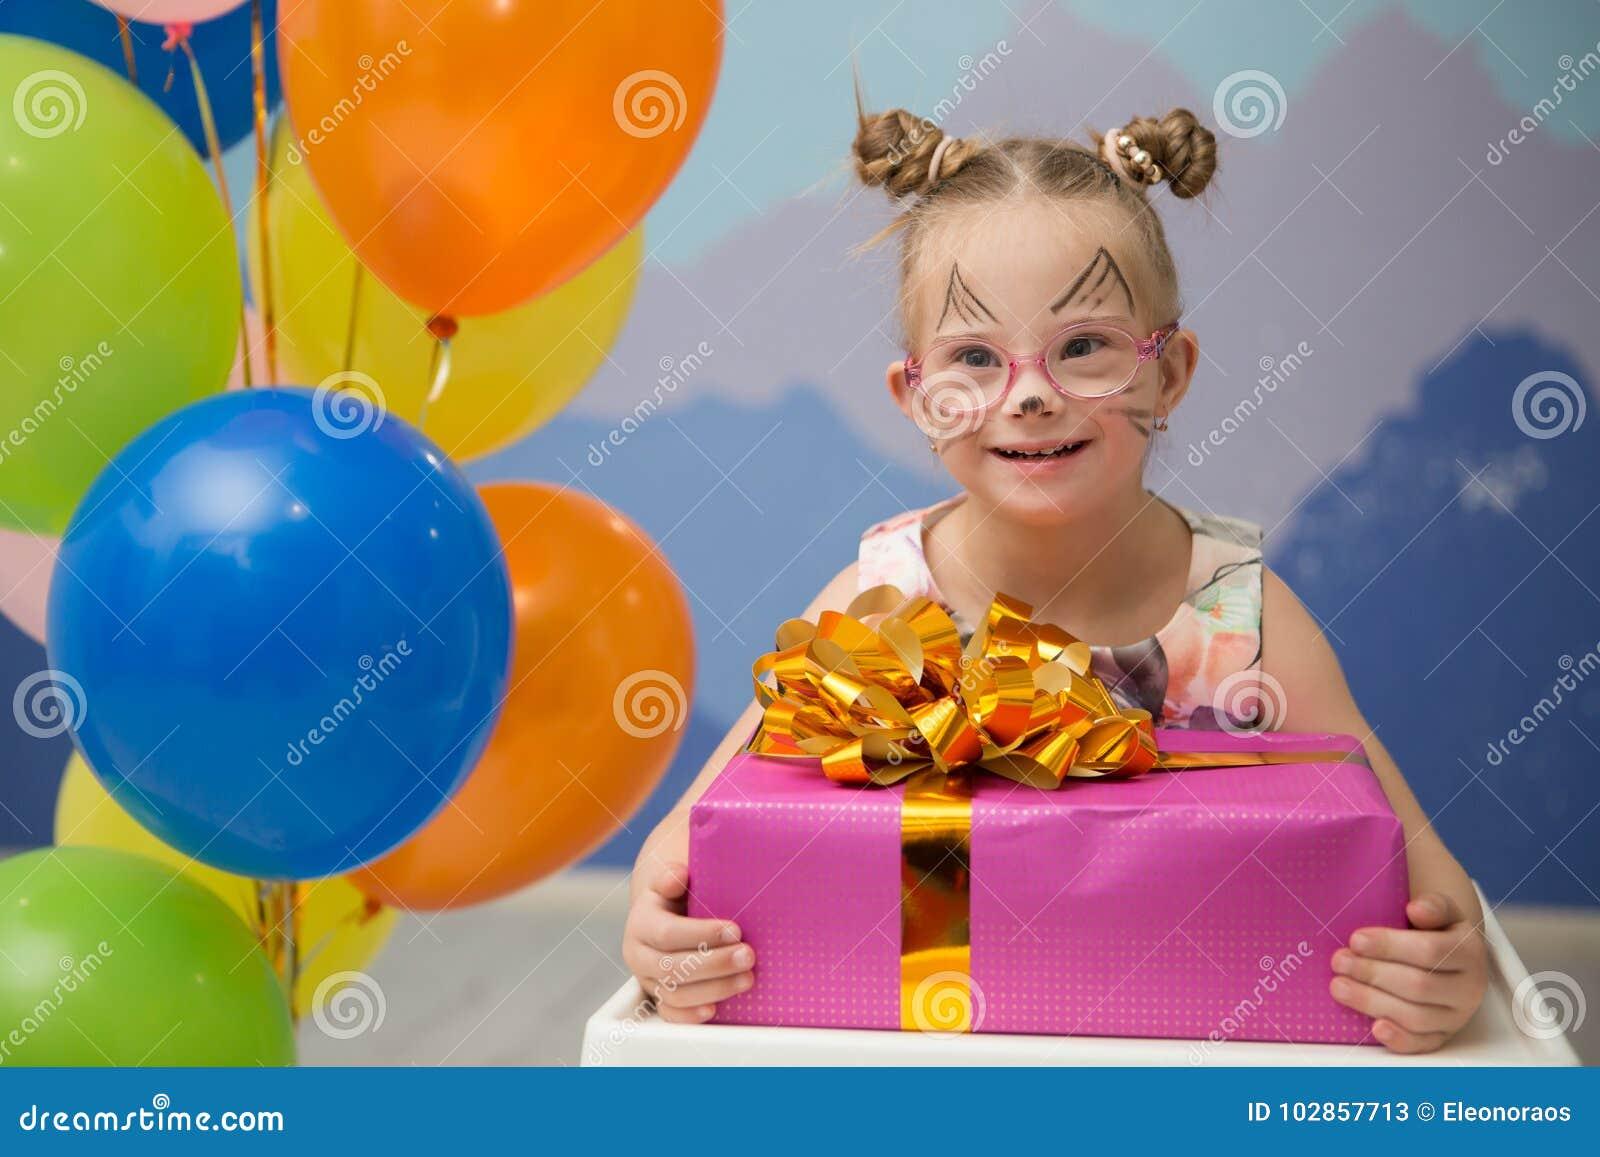 Όμορφο κορίτσι με το κάτω σύνδρομο με ένα παρόν γενεθλίων